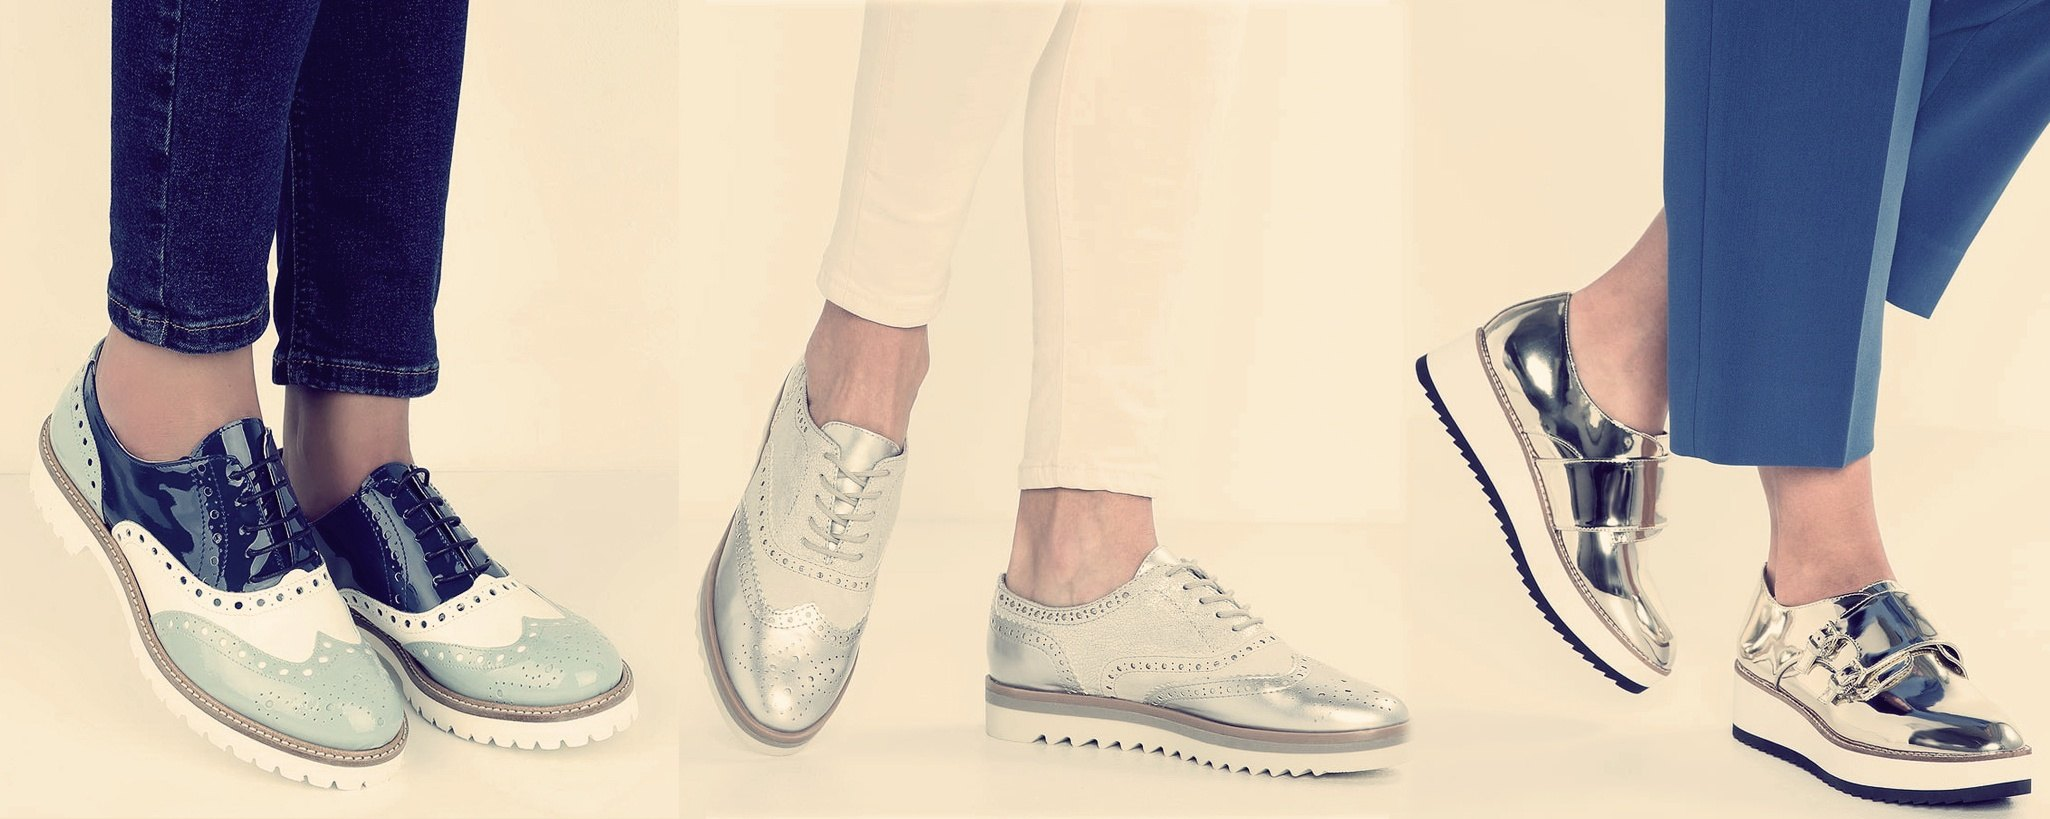 Кроссовки в классическом стиле